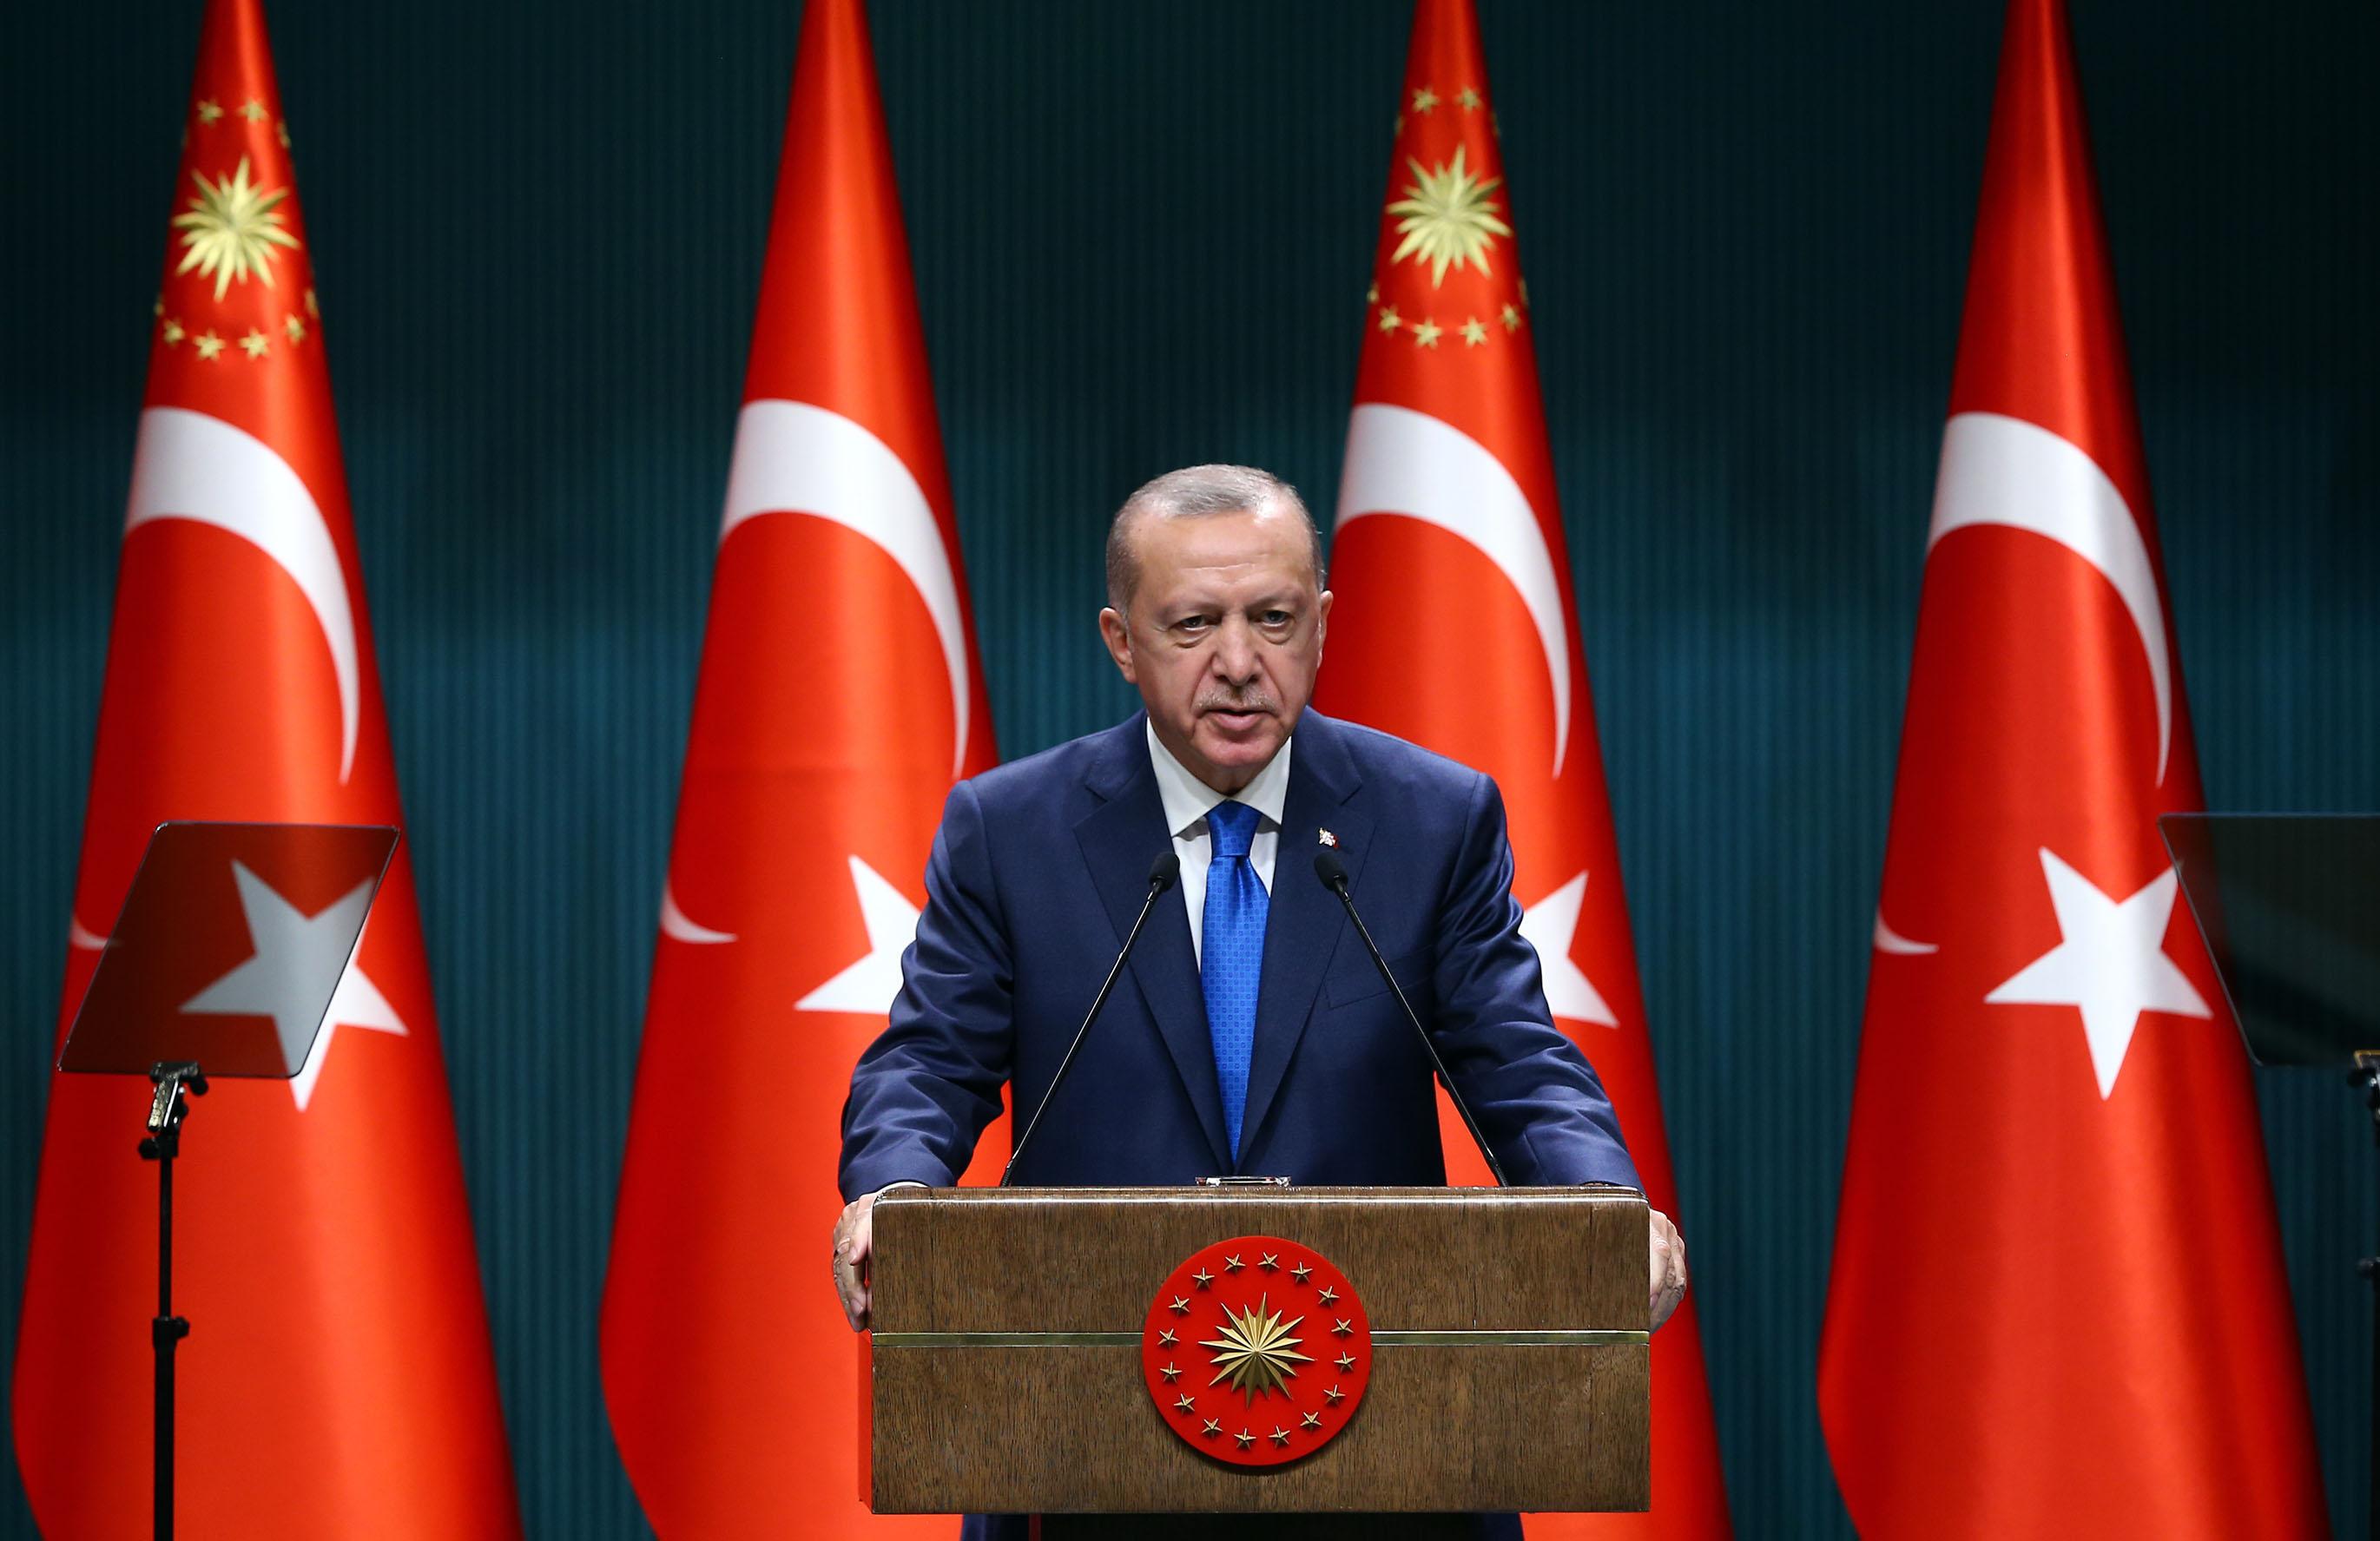 Cumhurbaşkanı Erdoğan Yunan gazetesine suç duyurusu